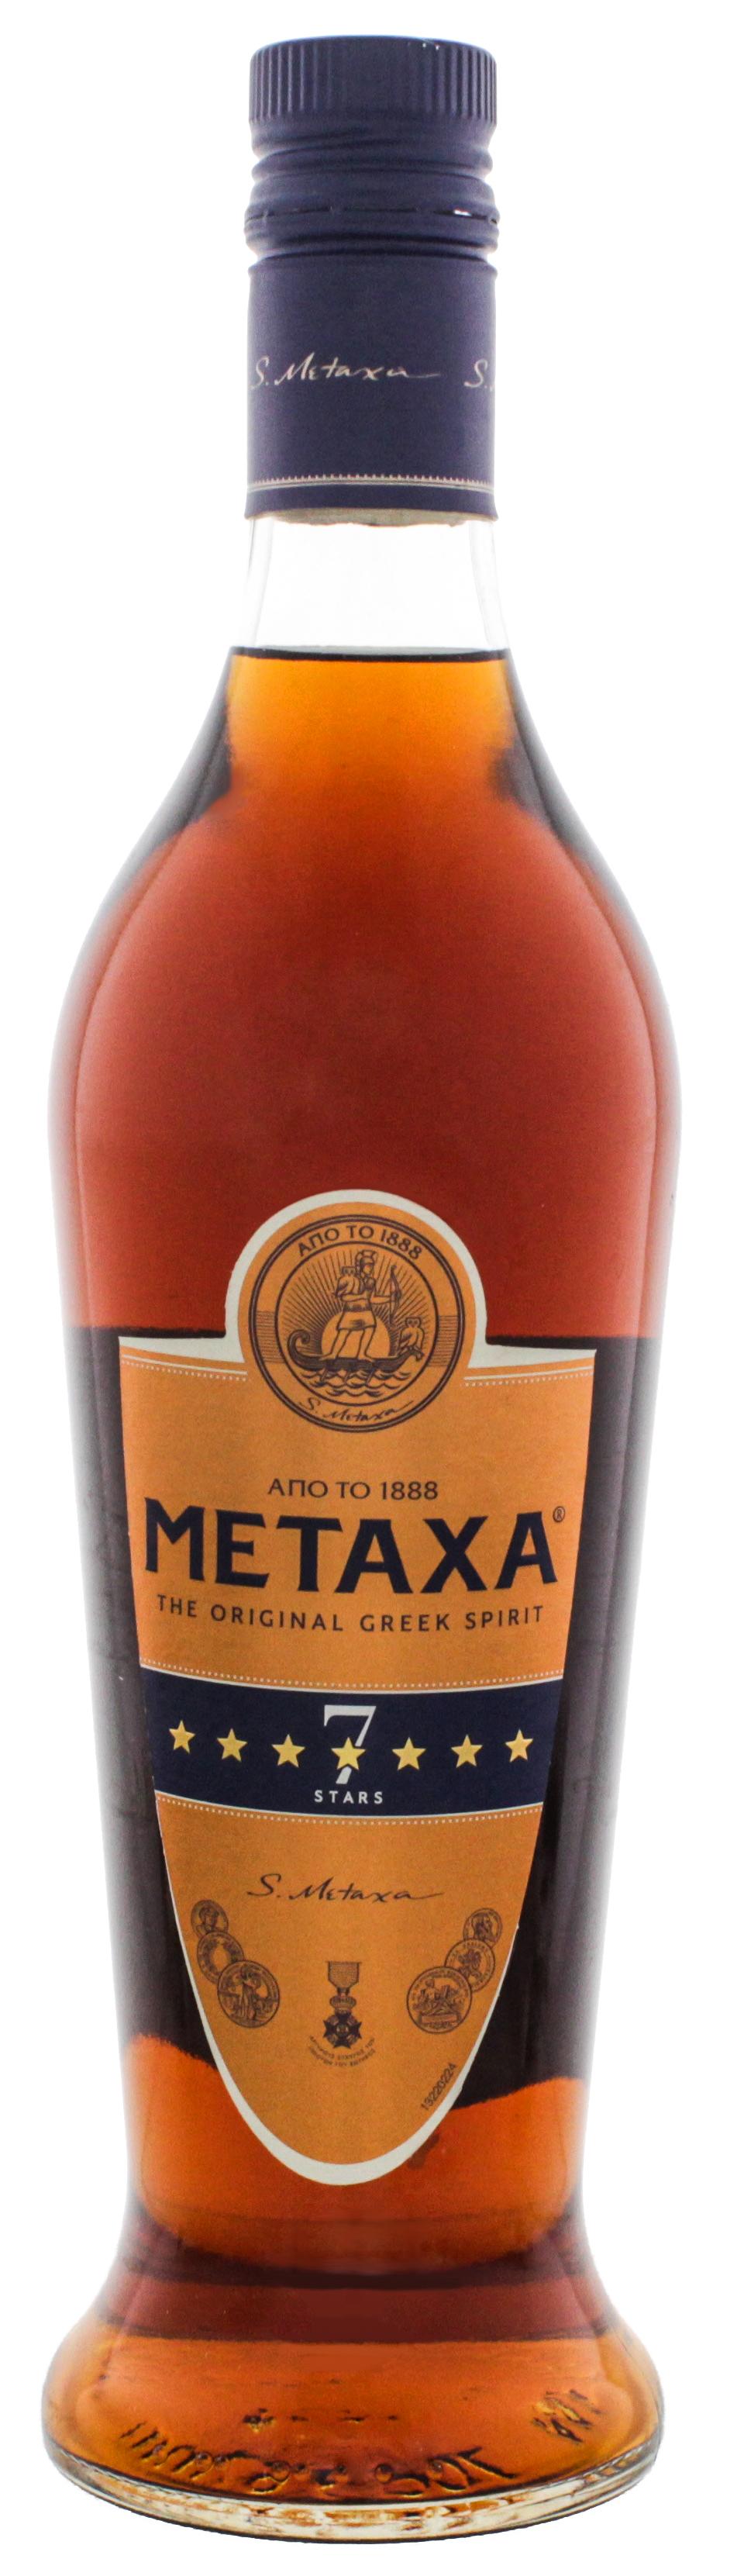 metaxa 7 stern 700ml jetzt kaufen im drinkology online shop